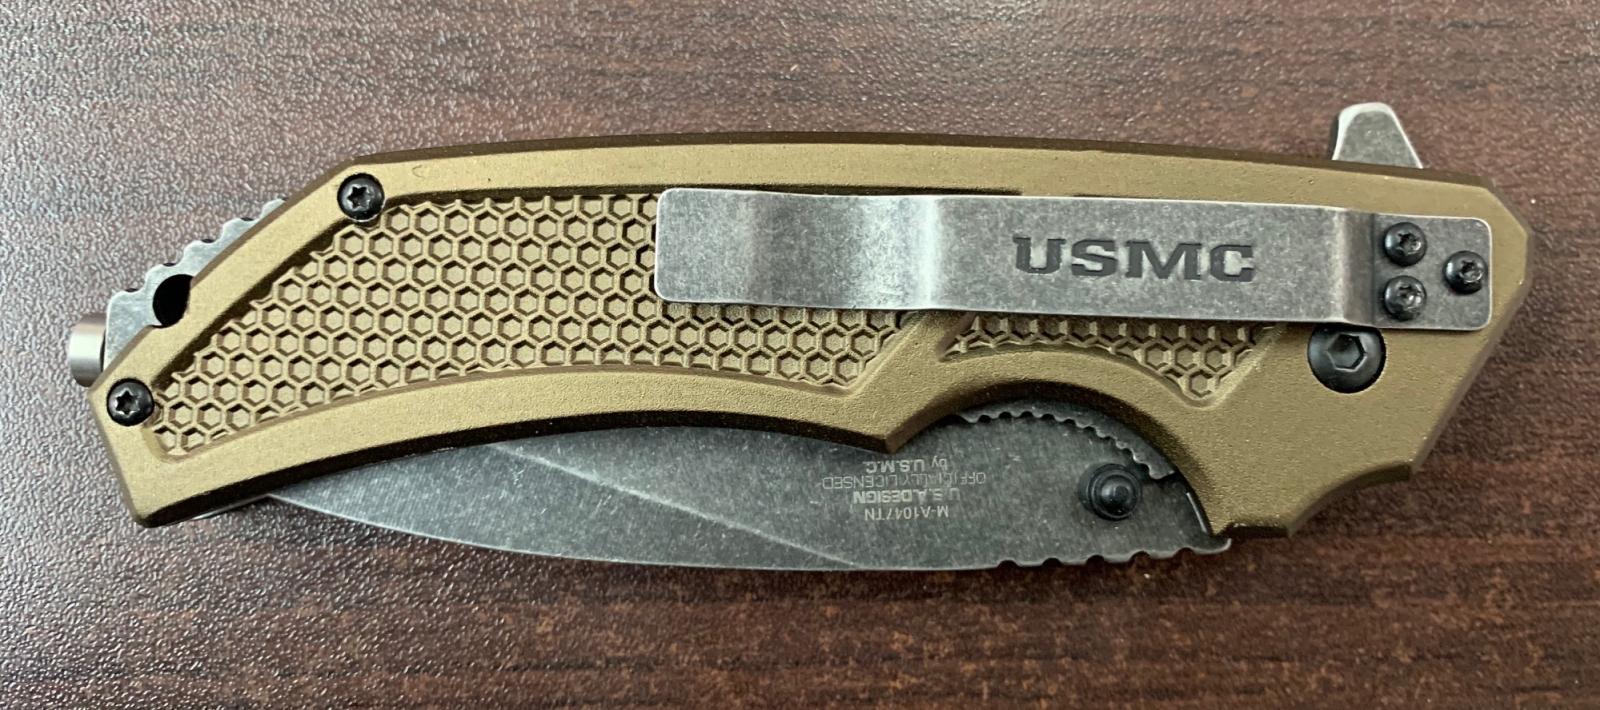 Складной нож Marine со стеклобоем